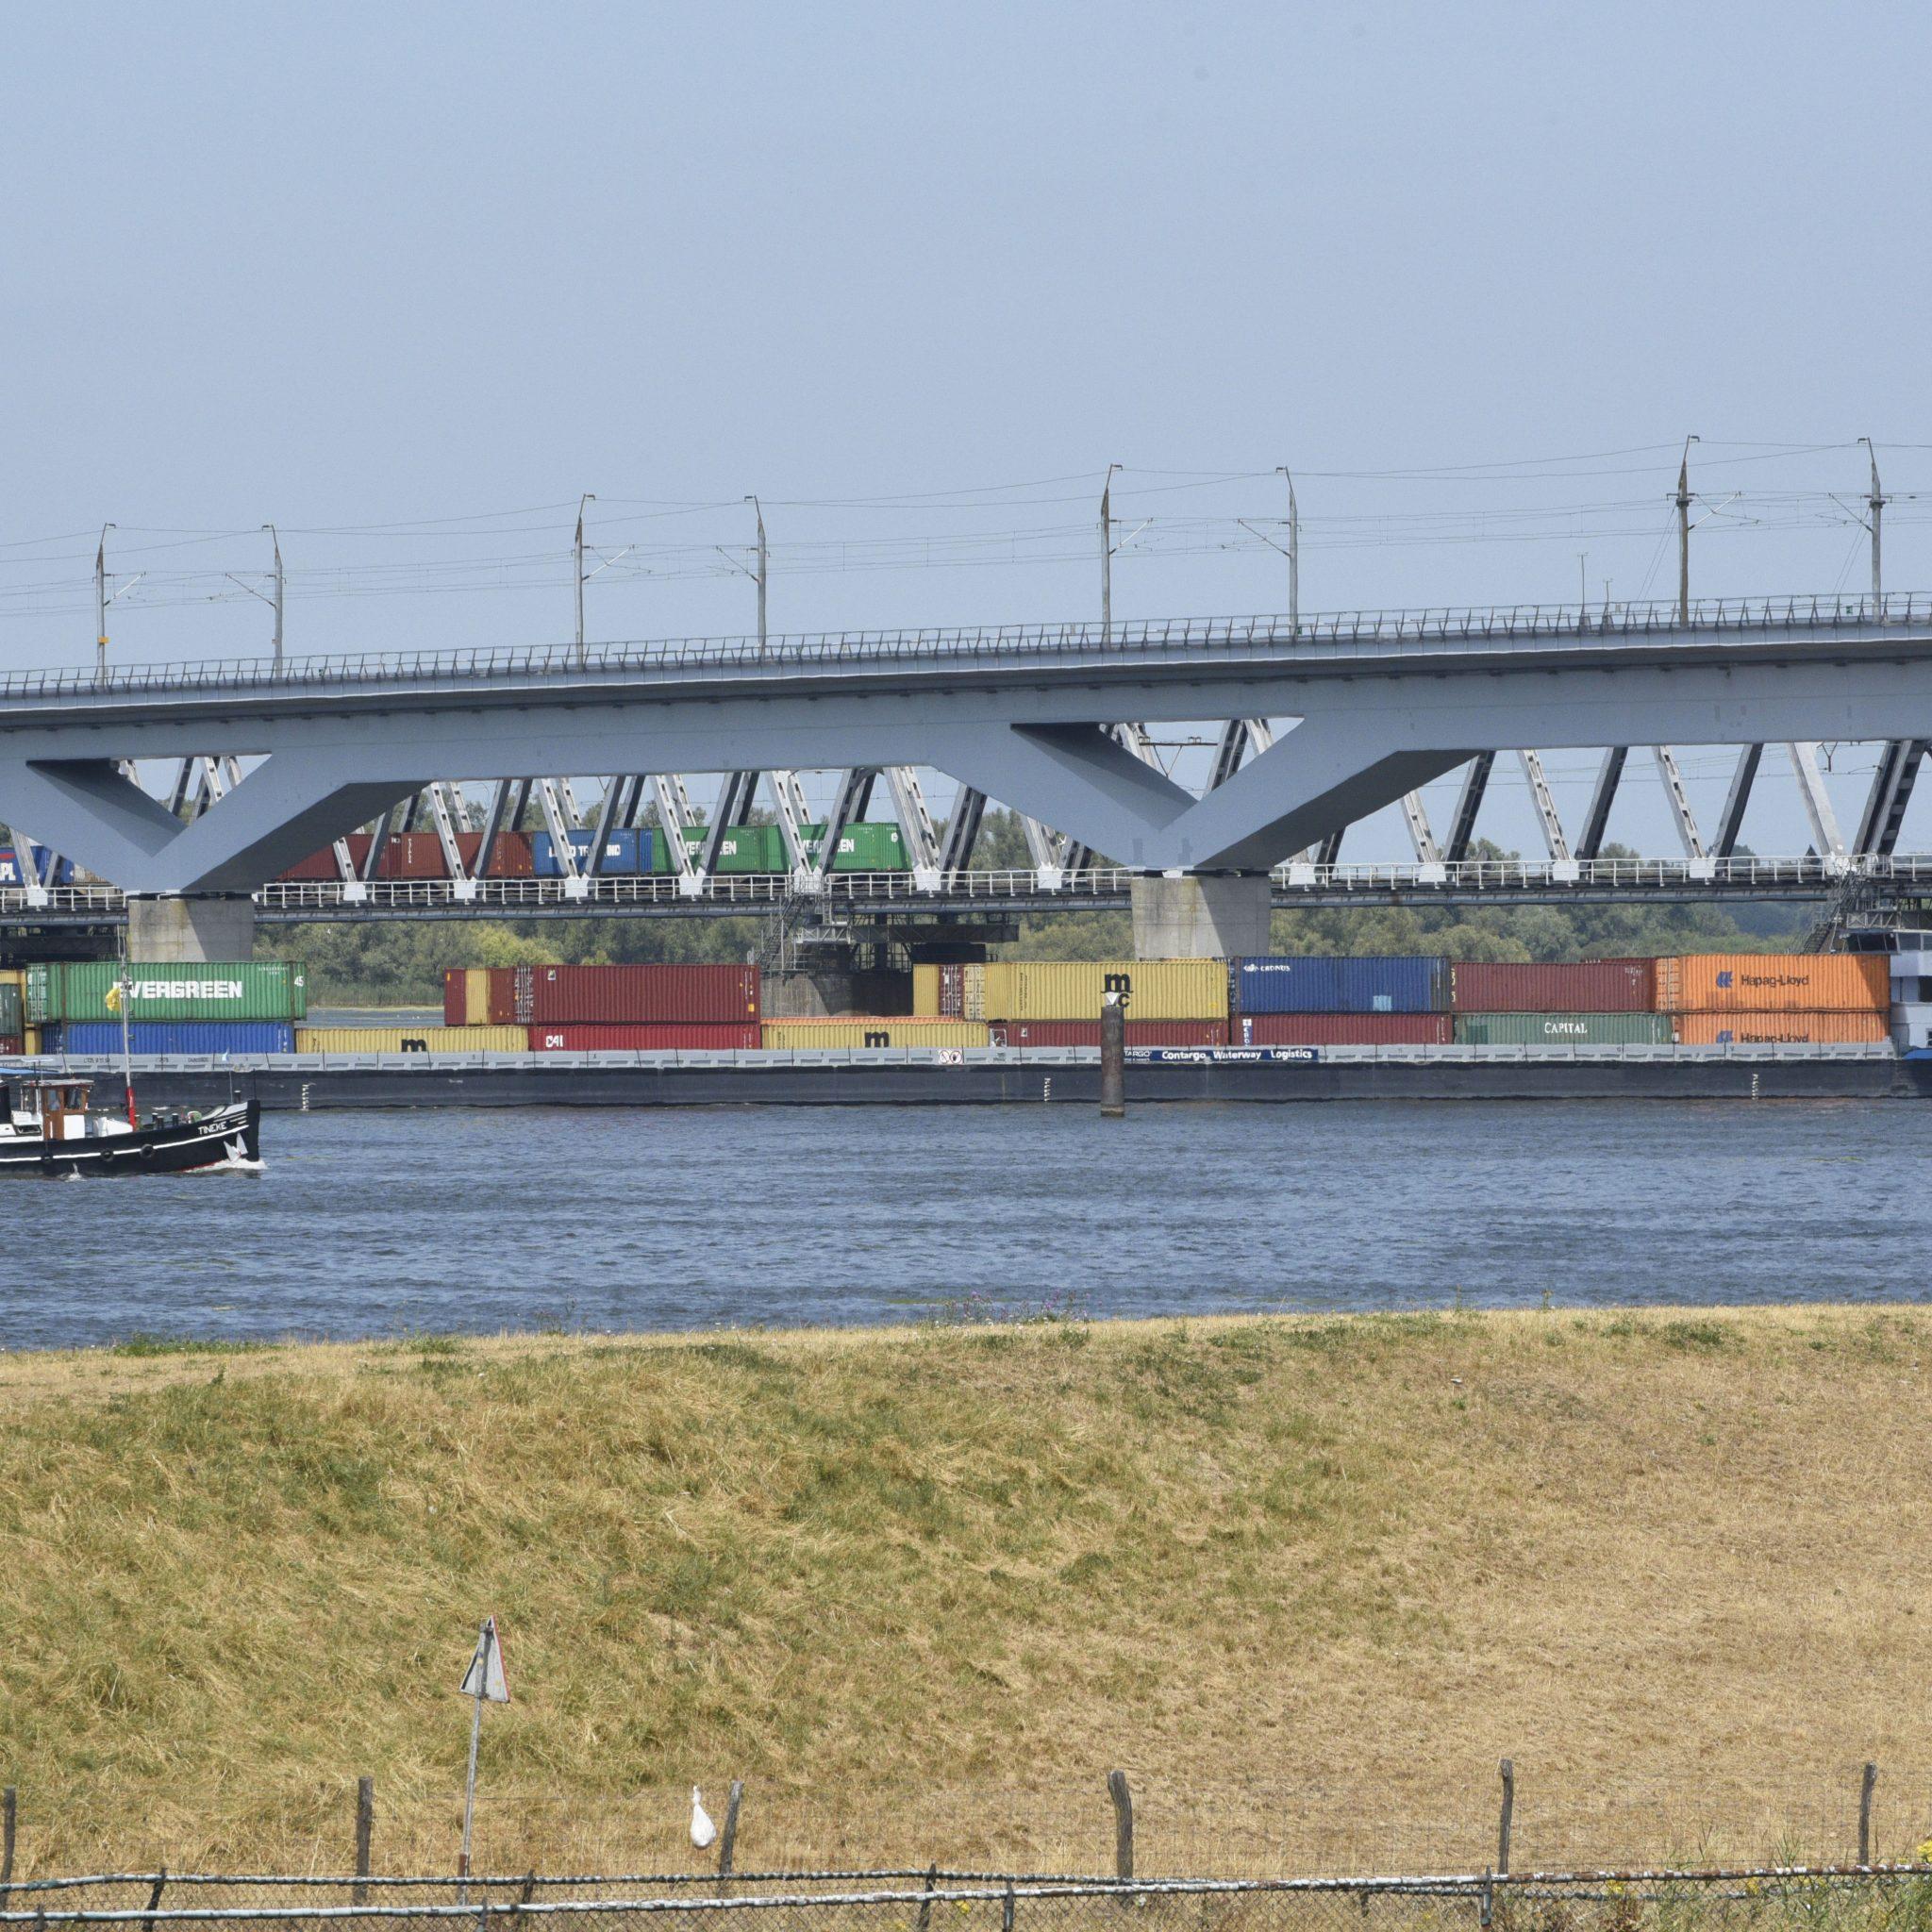 De moerdijkbruggen worden gepasseerd op de route van de West-Brabant Corridor. (Foto Peter Hilz / HH)